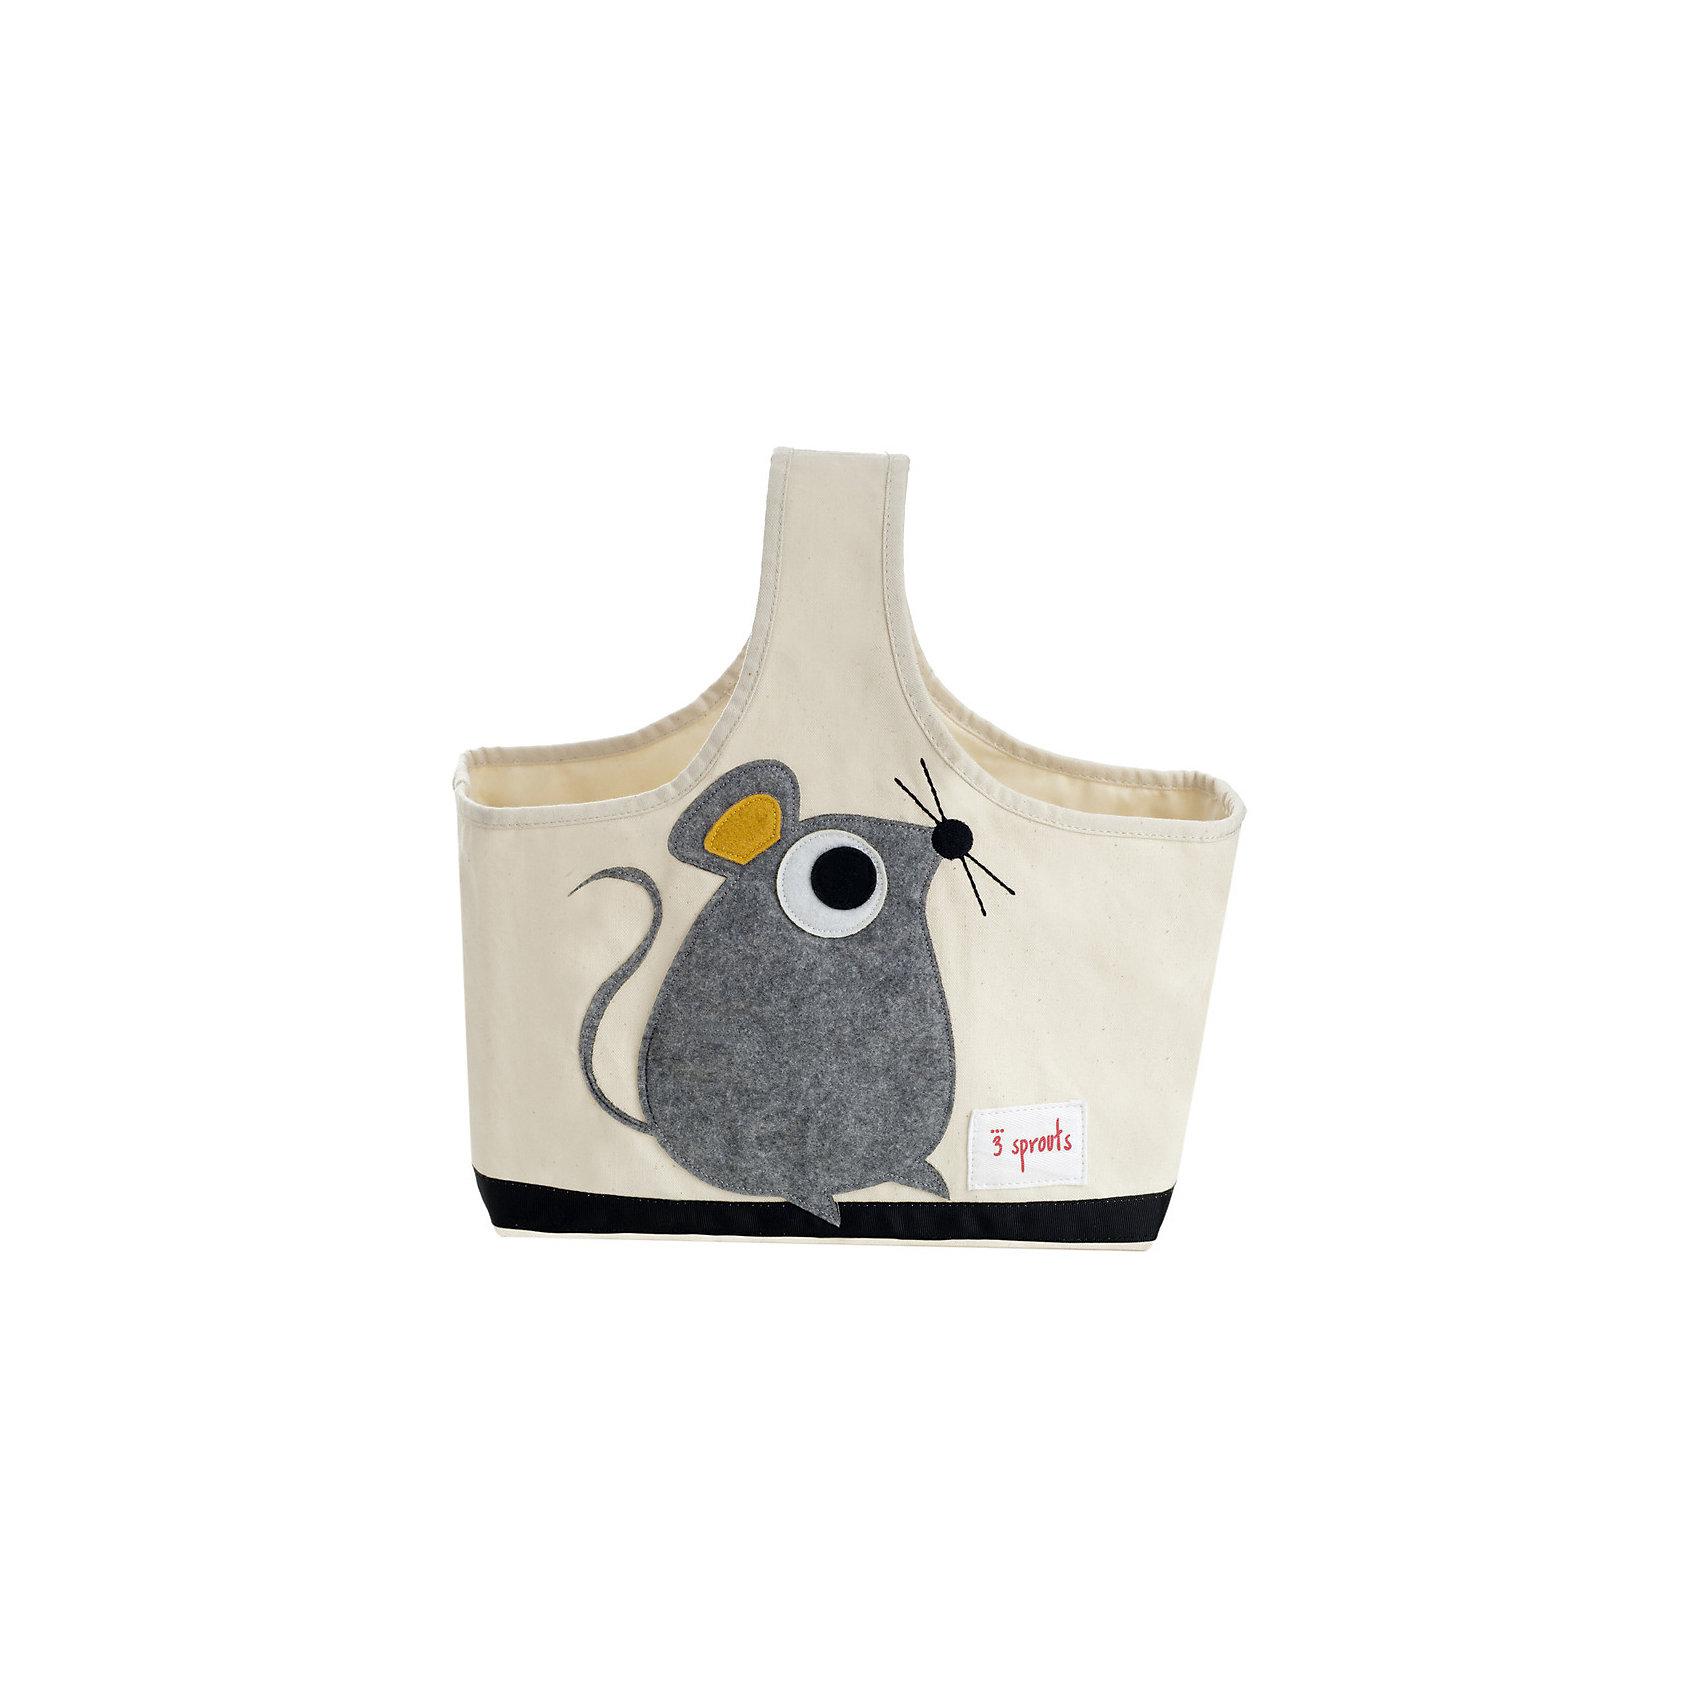 Сумочка для хранения детских принадлежностей Мышонок (Grey Mouse), 3 SproutsЯркая сумочка - это идеальное решение для хранения детских принадлежностей. Изготовленная из хлопкового брезента и фетра, она является прекрасным контейнером для хранения и переноски любых детских принадлежностей.<br><br>Дополнительная информация:<br><br>- Размер: 38x30x14 см.<br>- Материал: хлопок, фетр, полиэстер.<br>- Орнамент: Мышонок.<br><br>Купить сумочку для хранения детских принадлежностей Мышонок (Grey Mouse), можно в нашем магазине.<br><br>Ширина мм: 320<br>Глубина мм: 240<br>Высота мм: 20<br>Вес г: 234<br>Возраст от месяцев: 6<br>Возраст до месяцев: 84<br>Пол: Унисекс<br>Возраст: Детский<br>SKU: 5098231